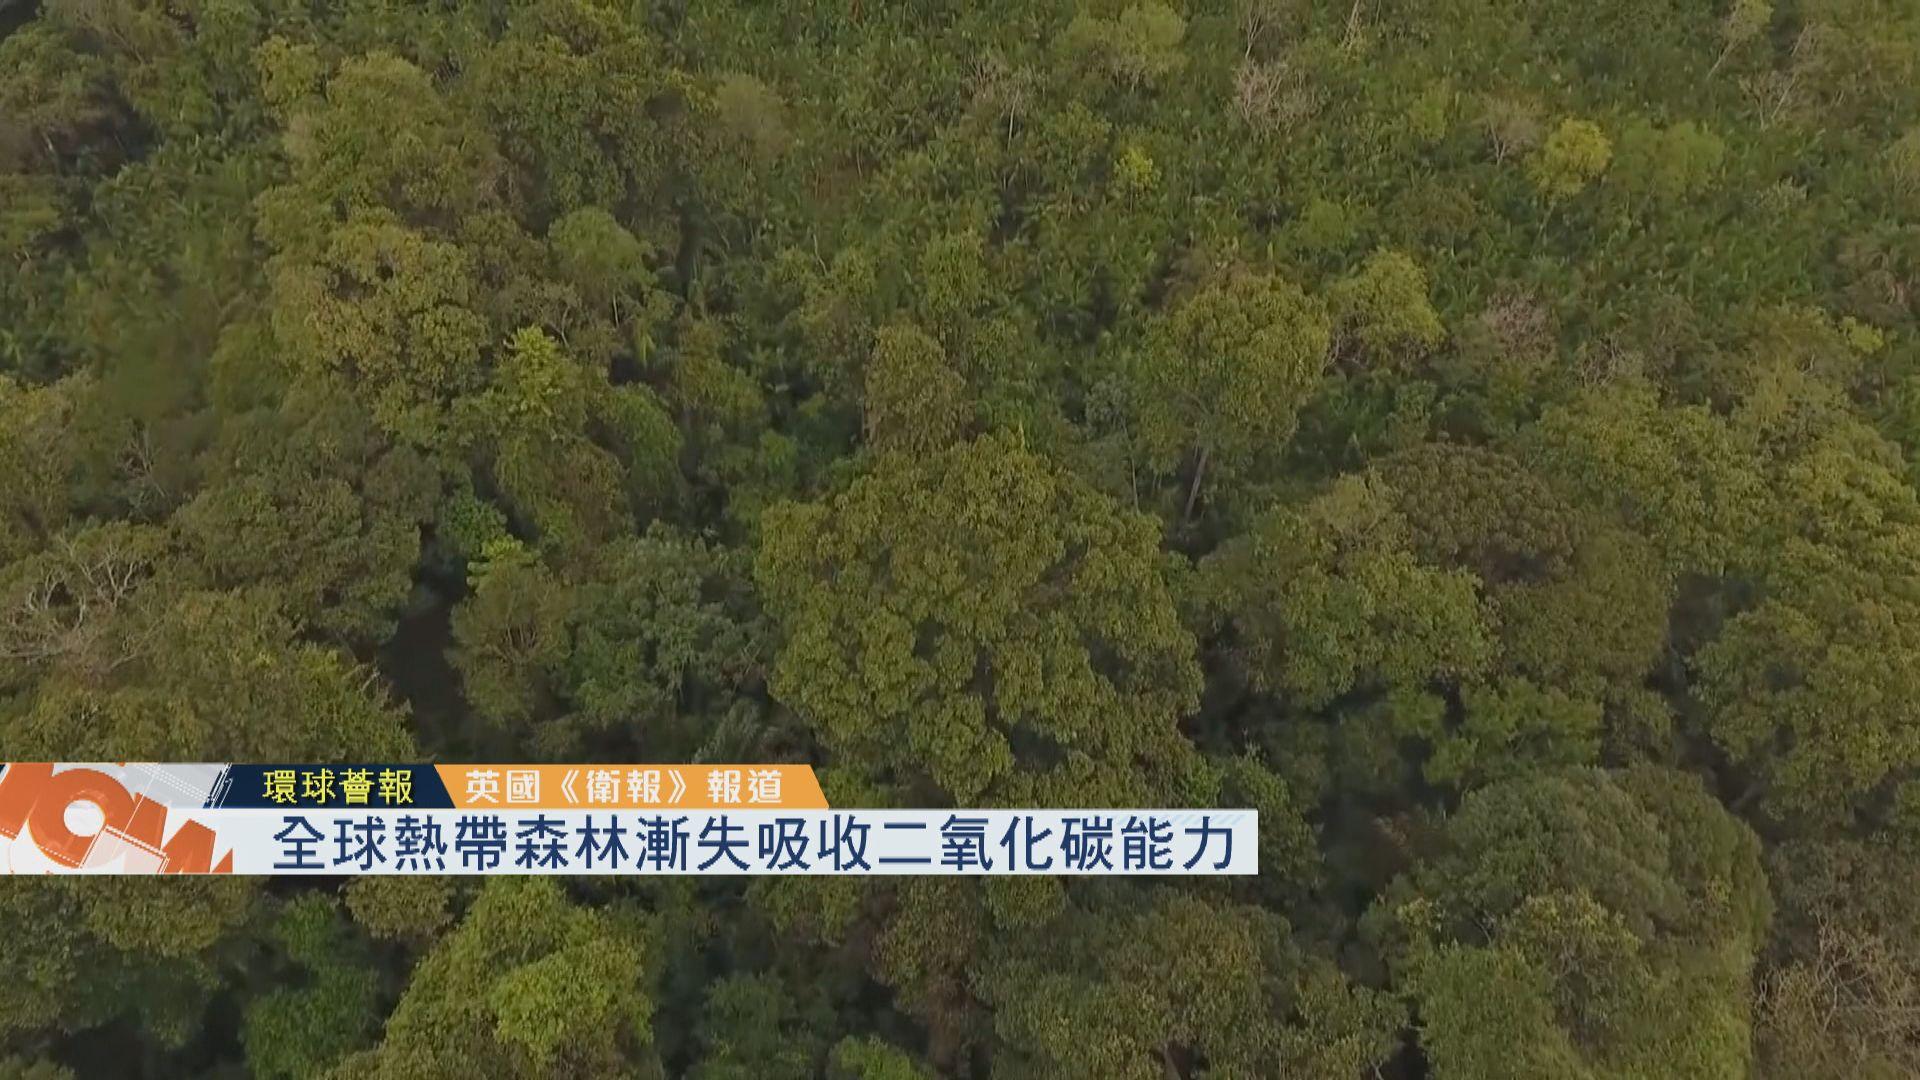 【環球薈報】全球熱帶雨林漸失吸收二氧化碳能力